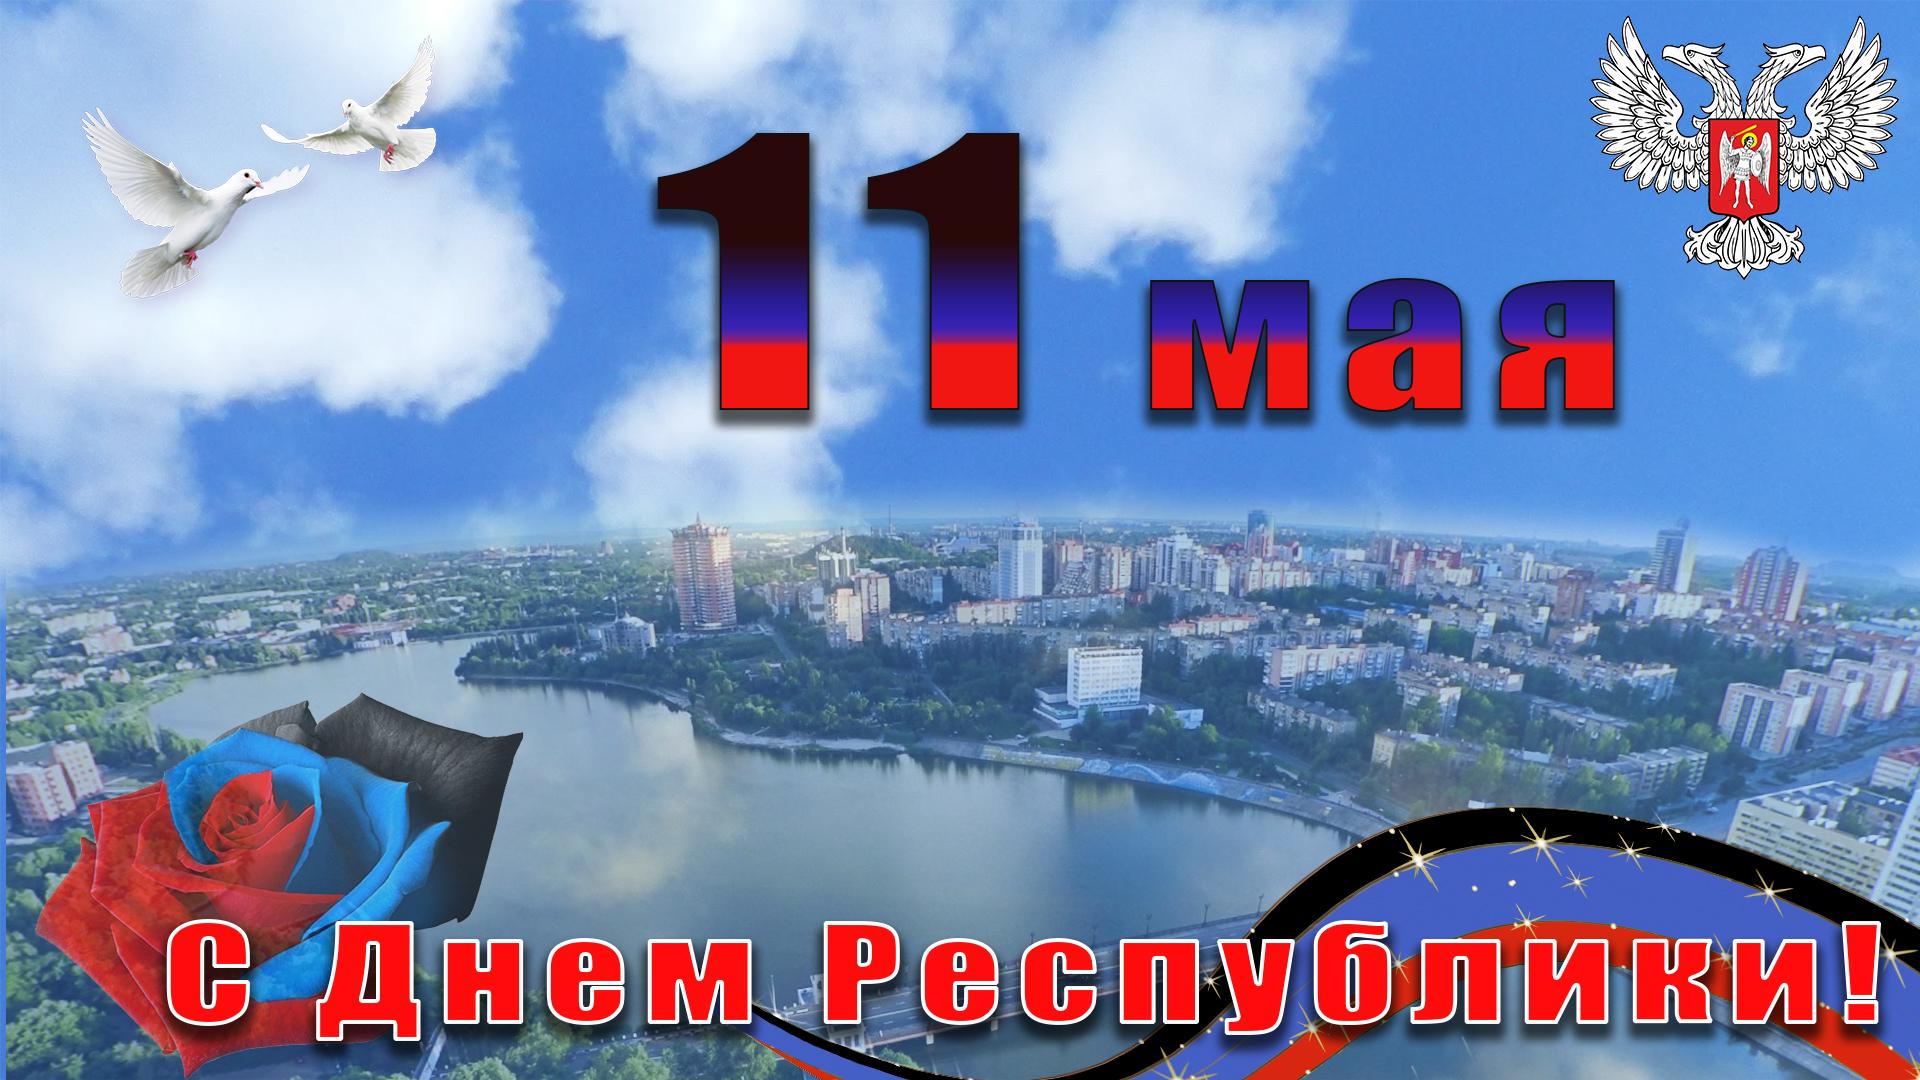 Поздравления выпускным, открытка ко дню республики днр